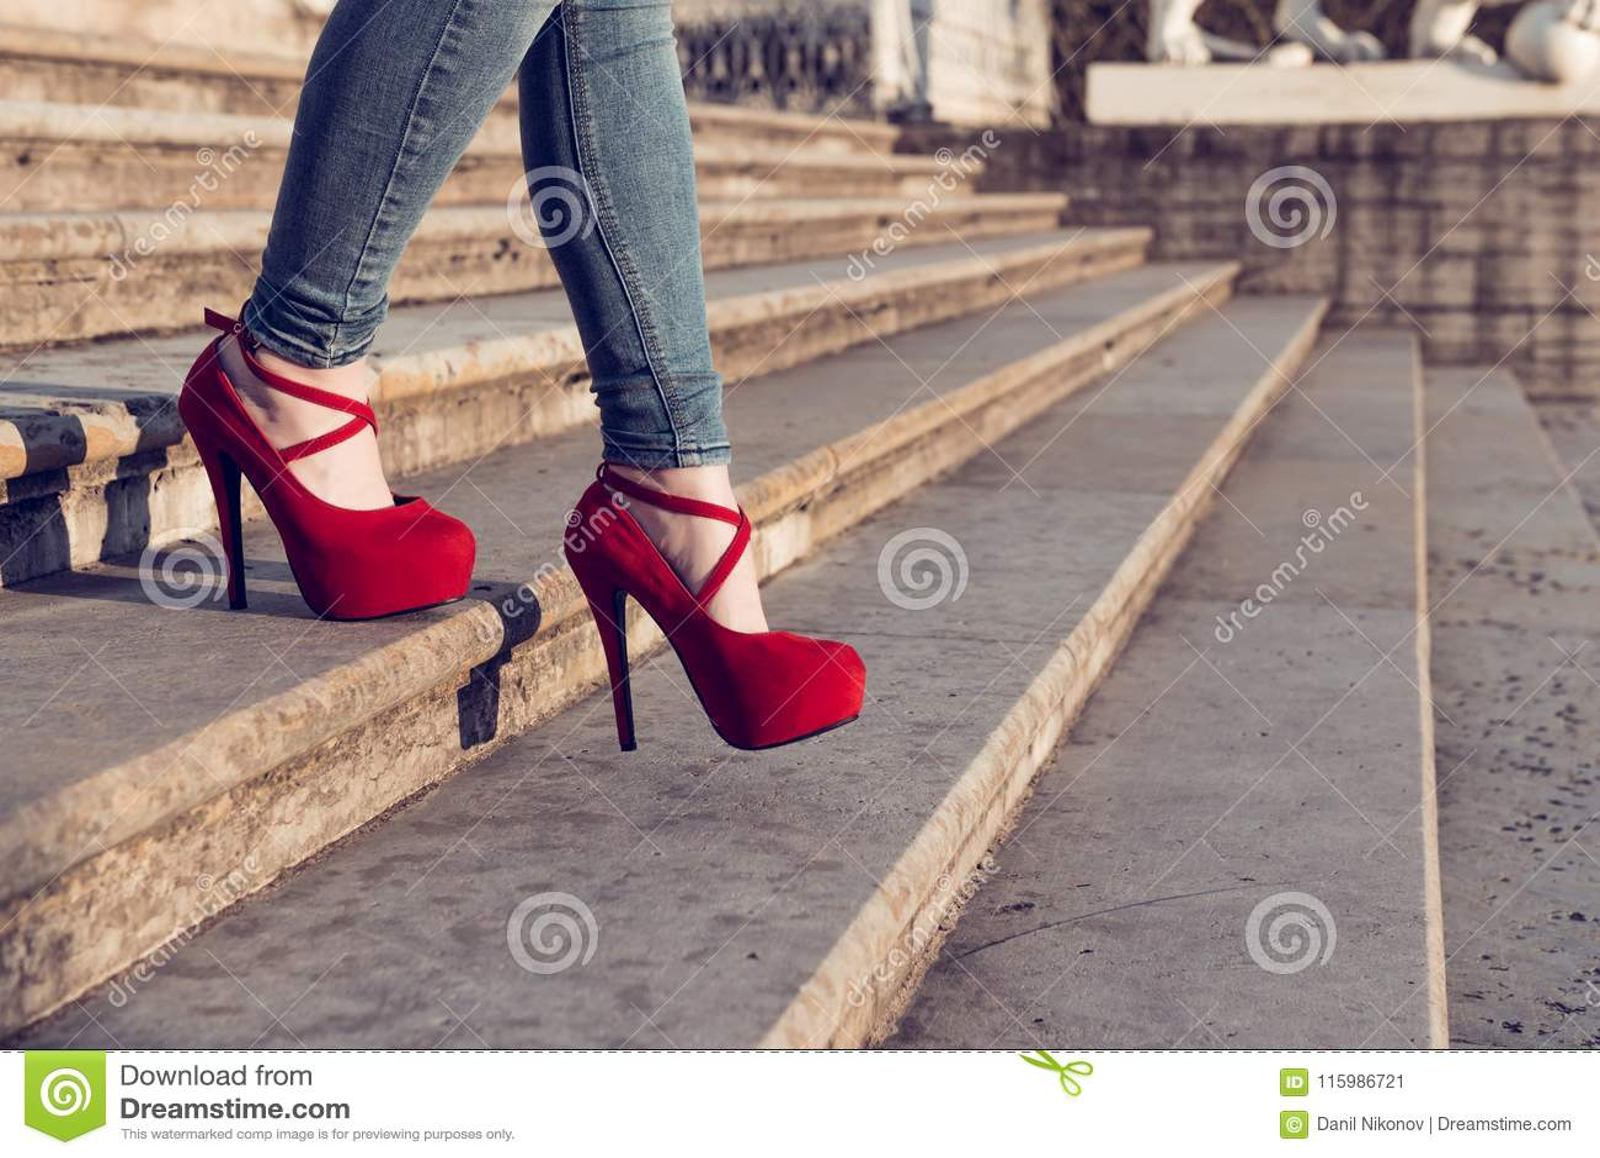 Rosse In Scarpe Tacco Del Blue Della Alto E Jeans D uso Donna wOZTFqY 7d9444e486c